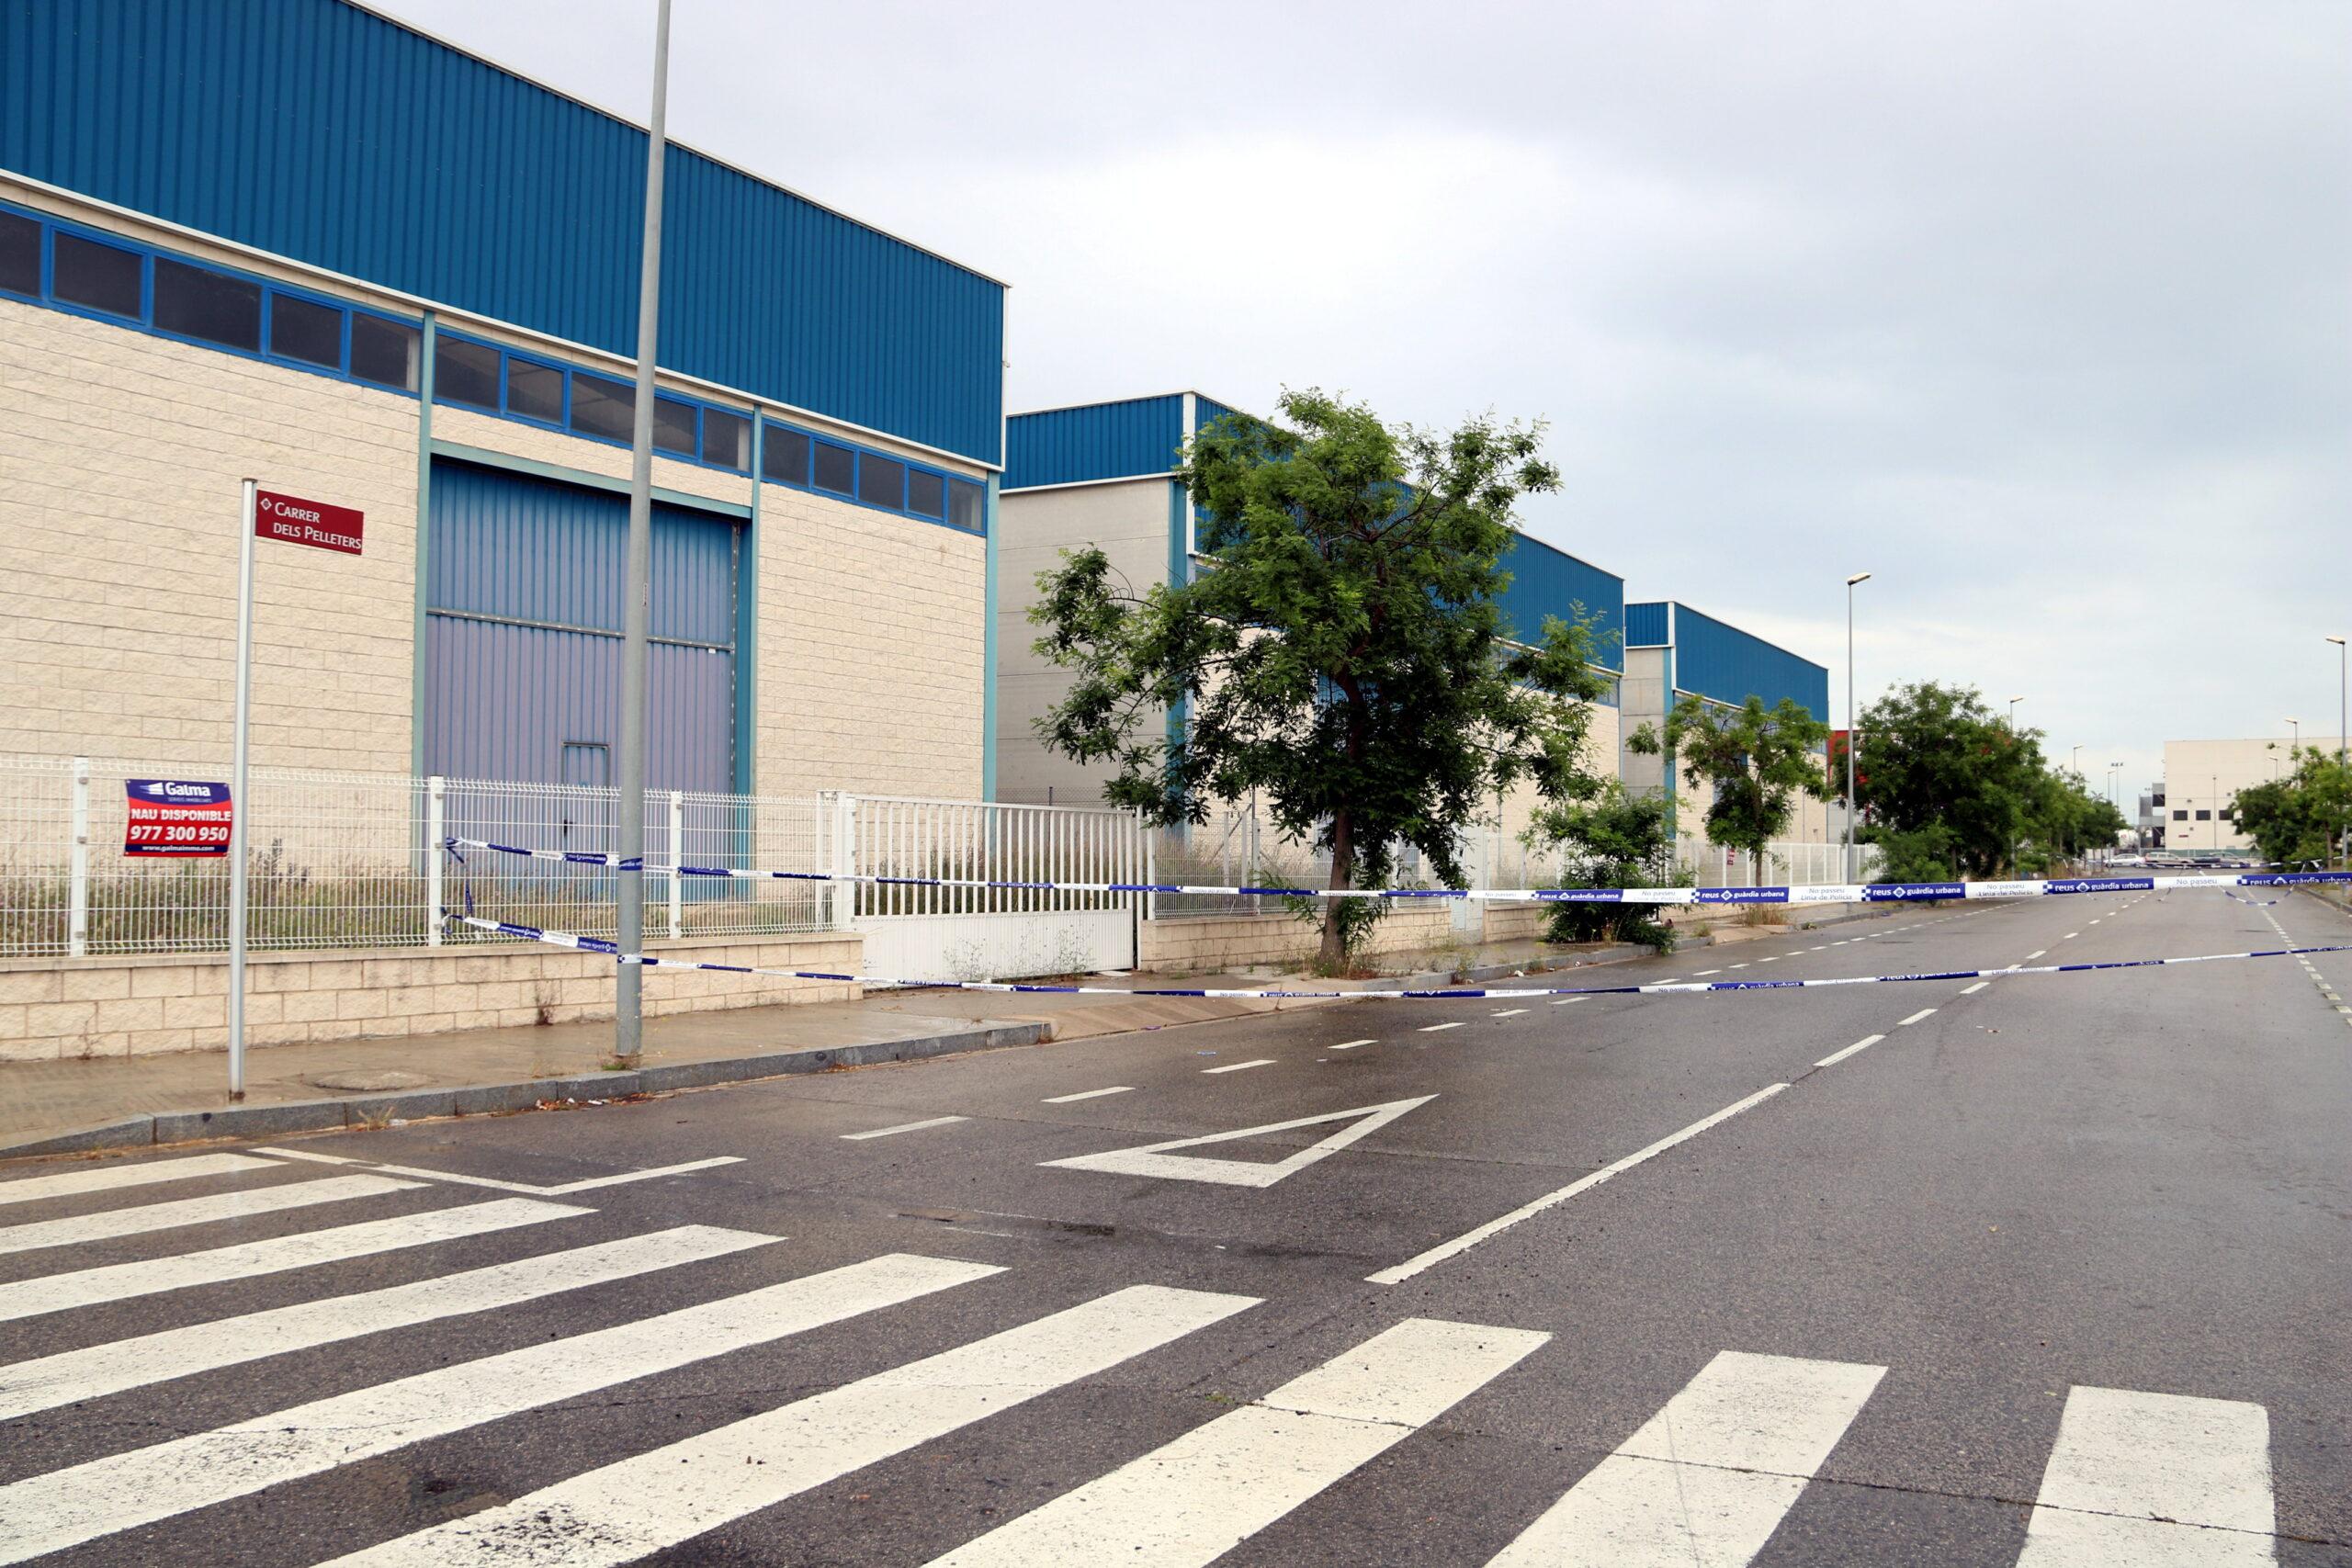 El carrer dels Pelleters al polígon Alba de Reus/Vila-seca on es va trobar el cadàver de la dona morta   ACN